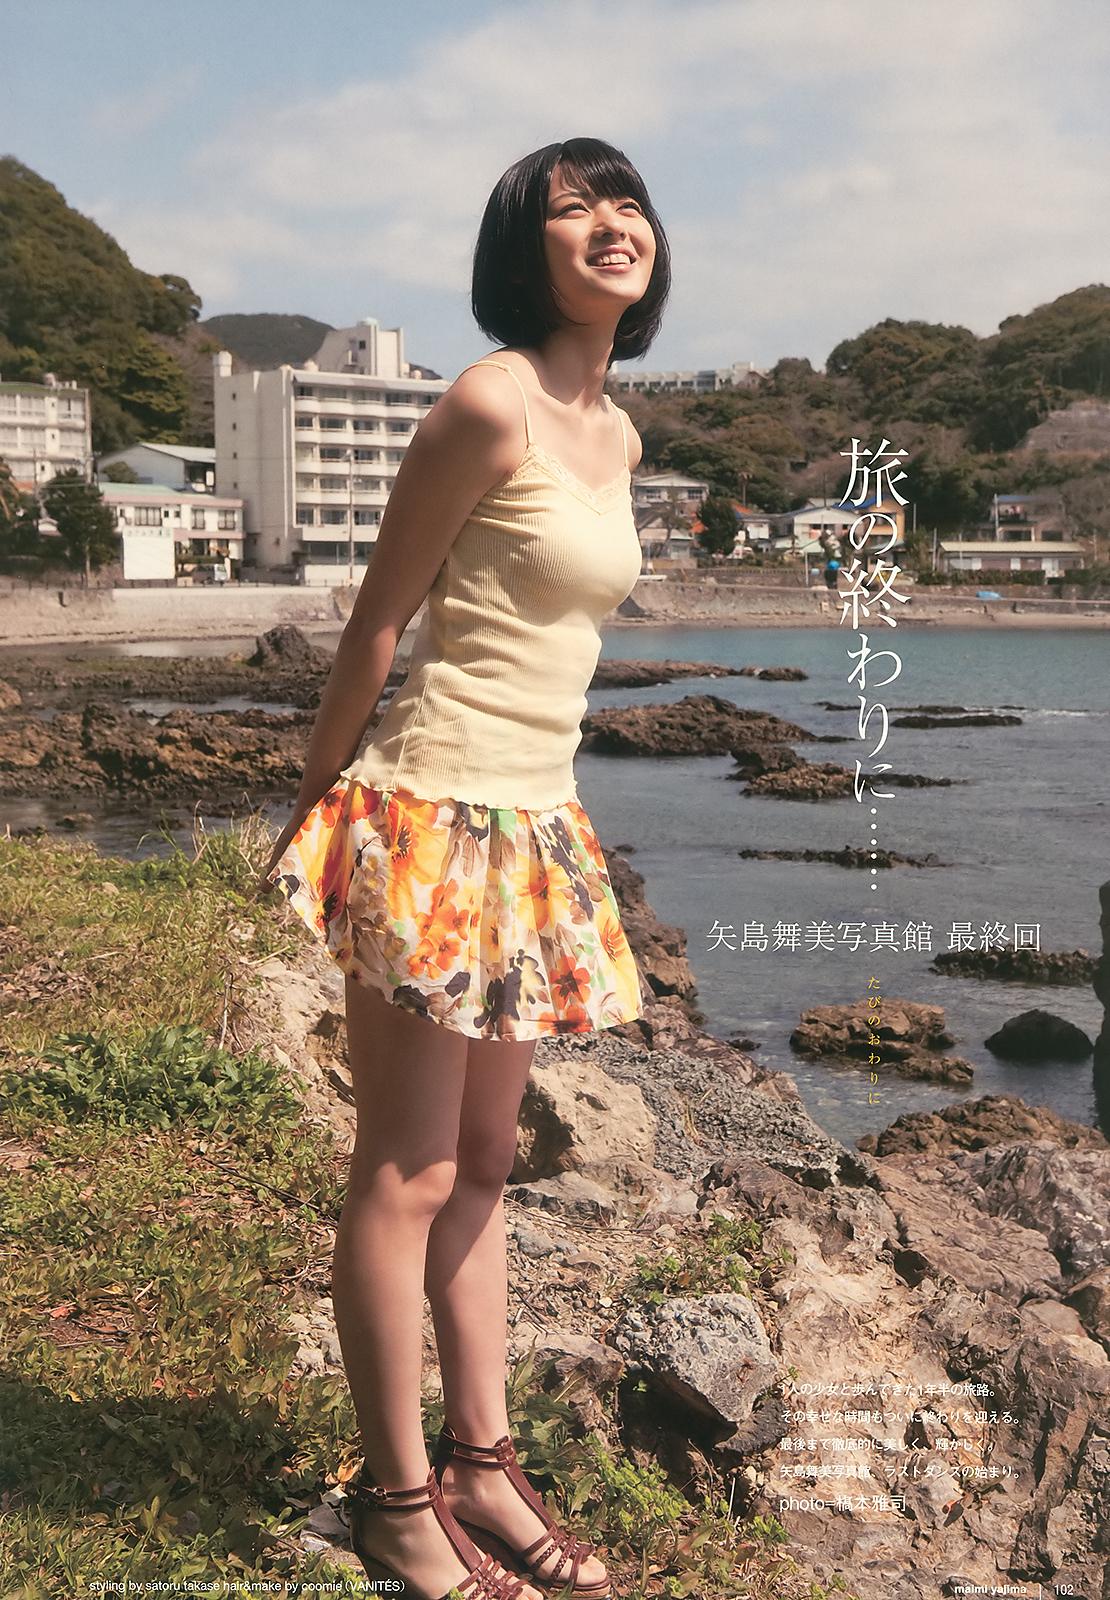 黄色のキャミ&花柄ミニスカート 矢島舞美 済み